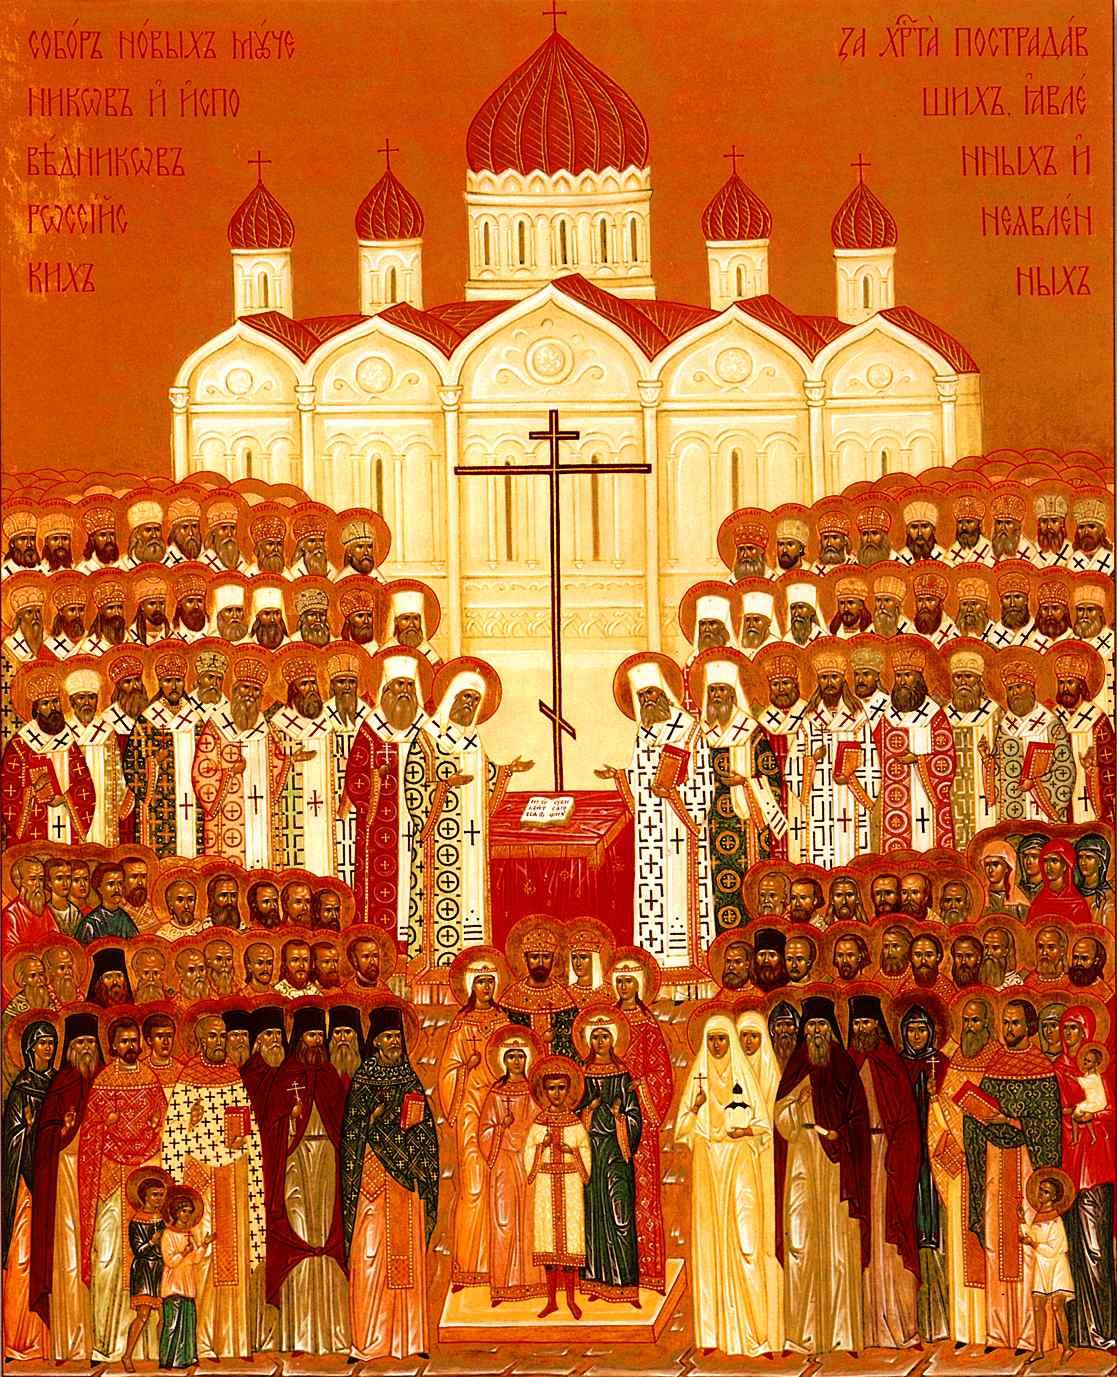 Собор Новомучеников и Исповедников Росссийских